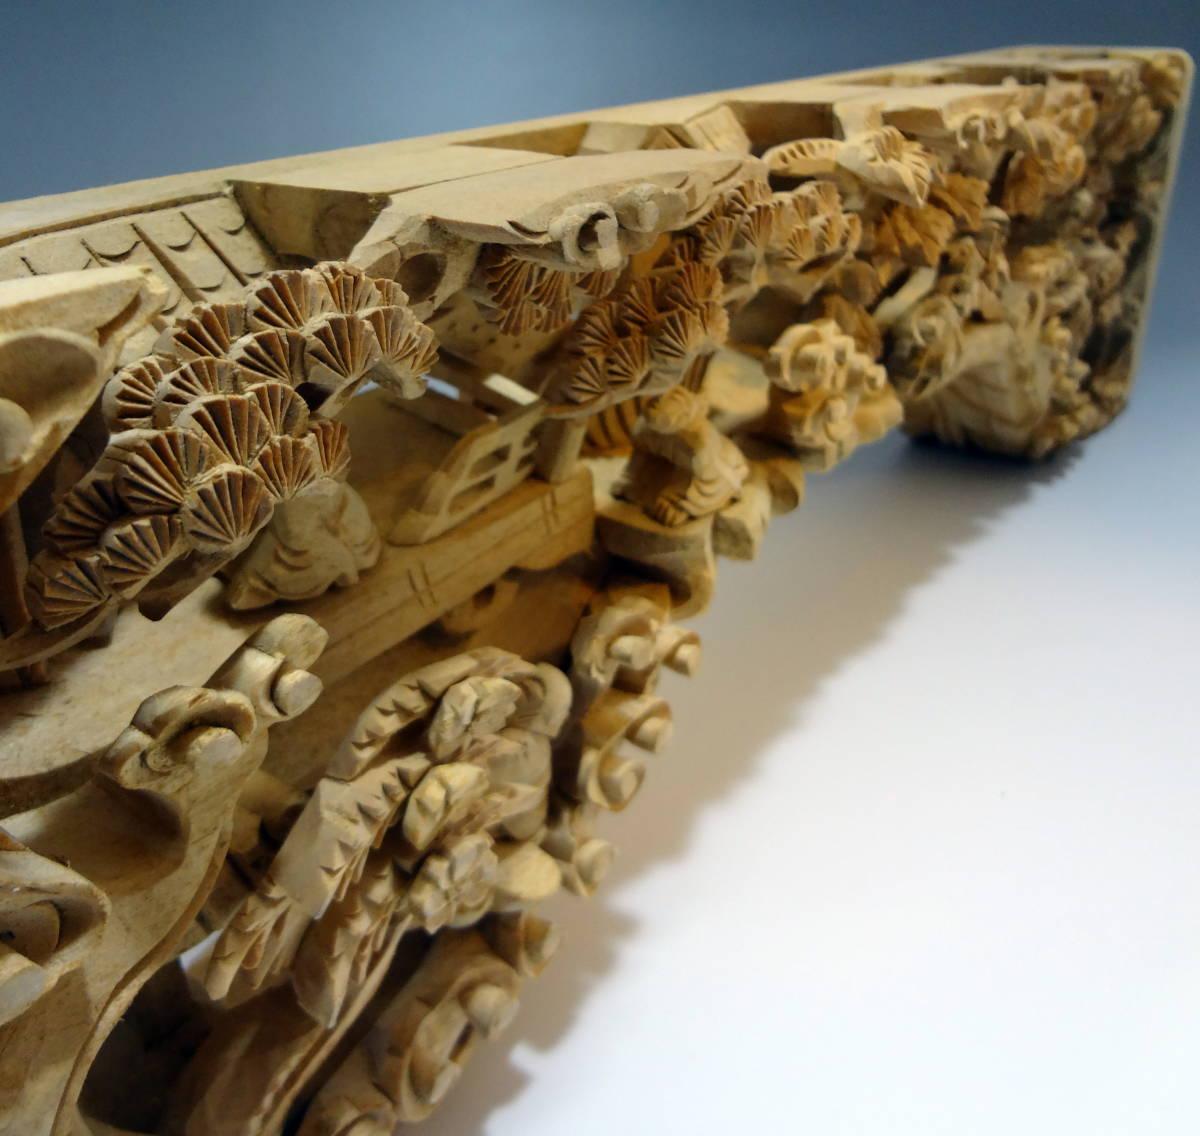 アンティーク 木材 細工 彫刻 らんま 木彫り 美術品 _画像2